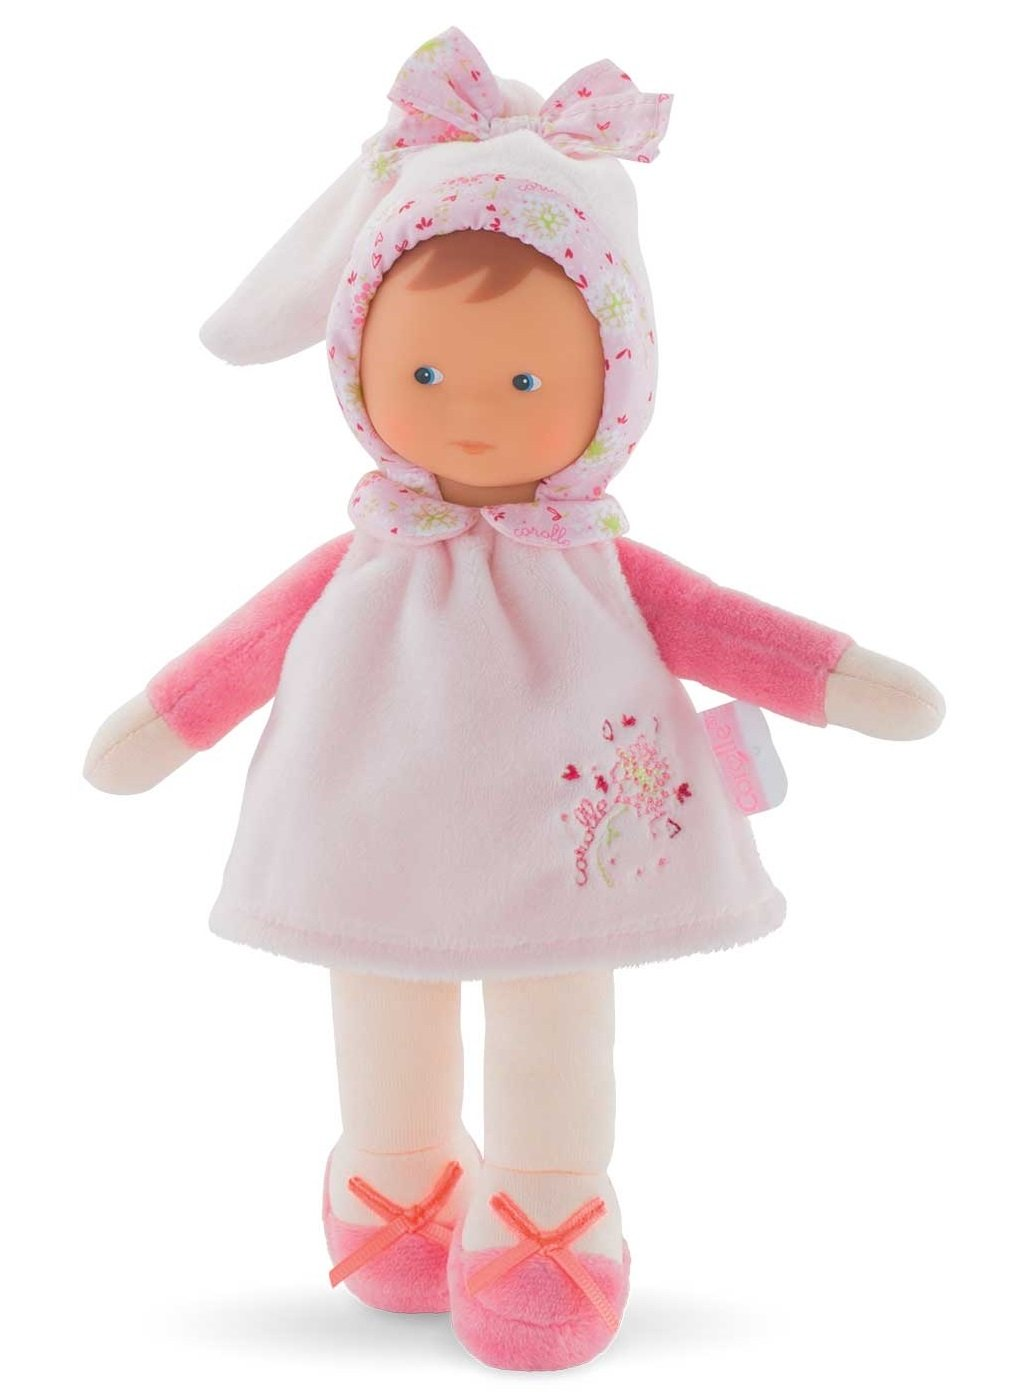 Fleur coton, Miss babypop Corolle, Corolle miss Fleur, knuffelpopje fleur